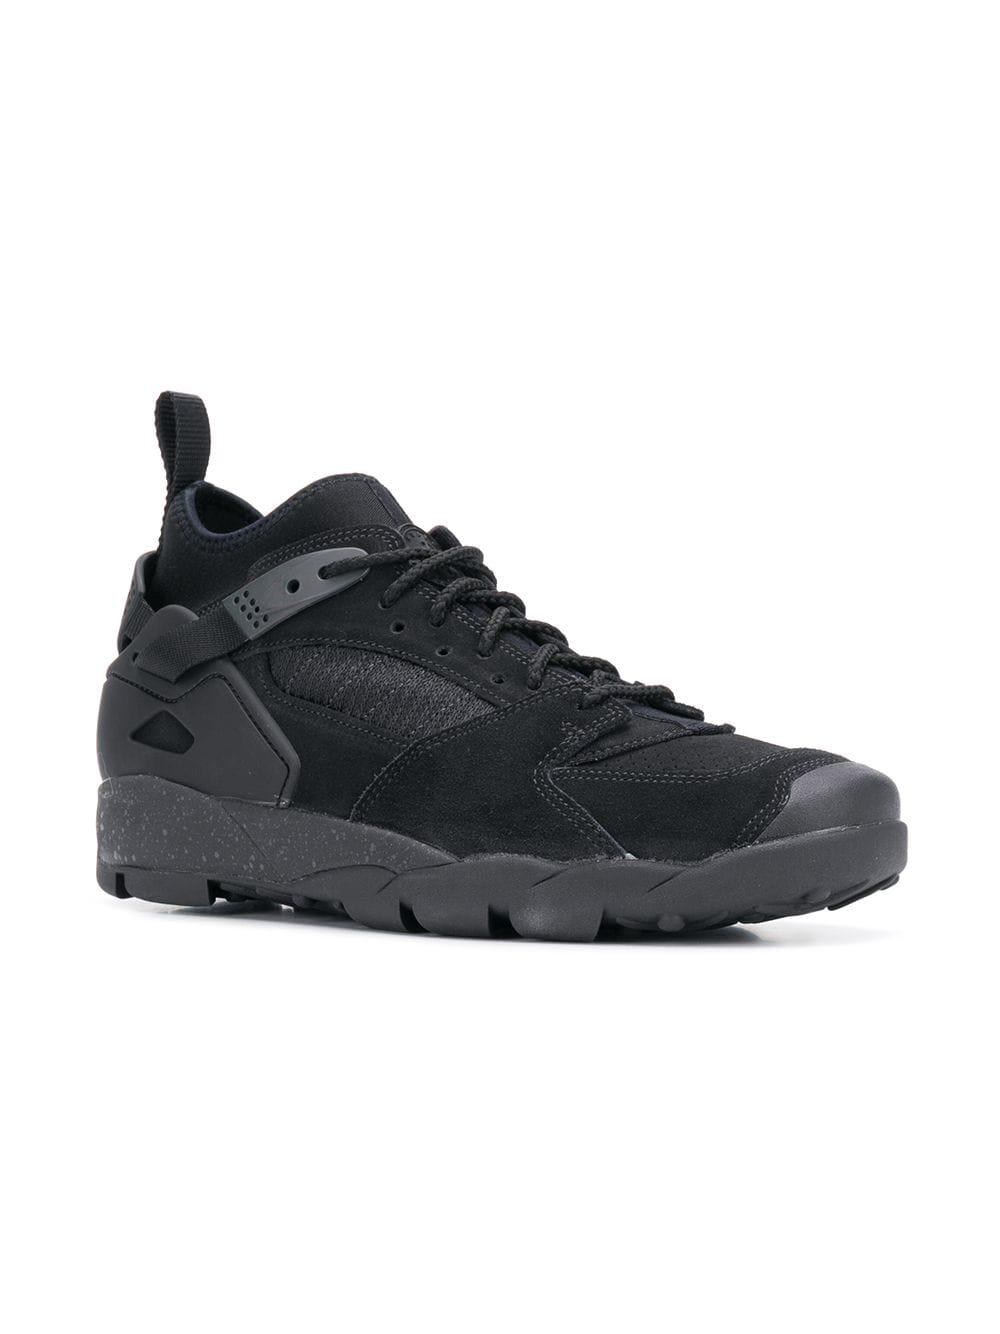 bda2237dc187 Lyst - Nike Acg Air Revaderchi Sneakers in Black for Men